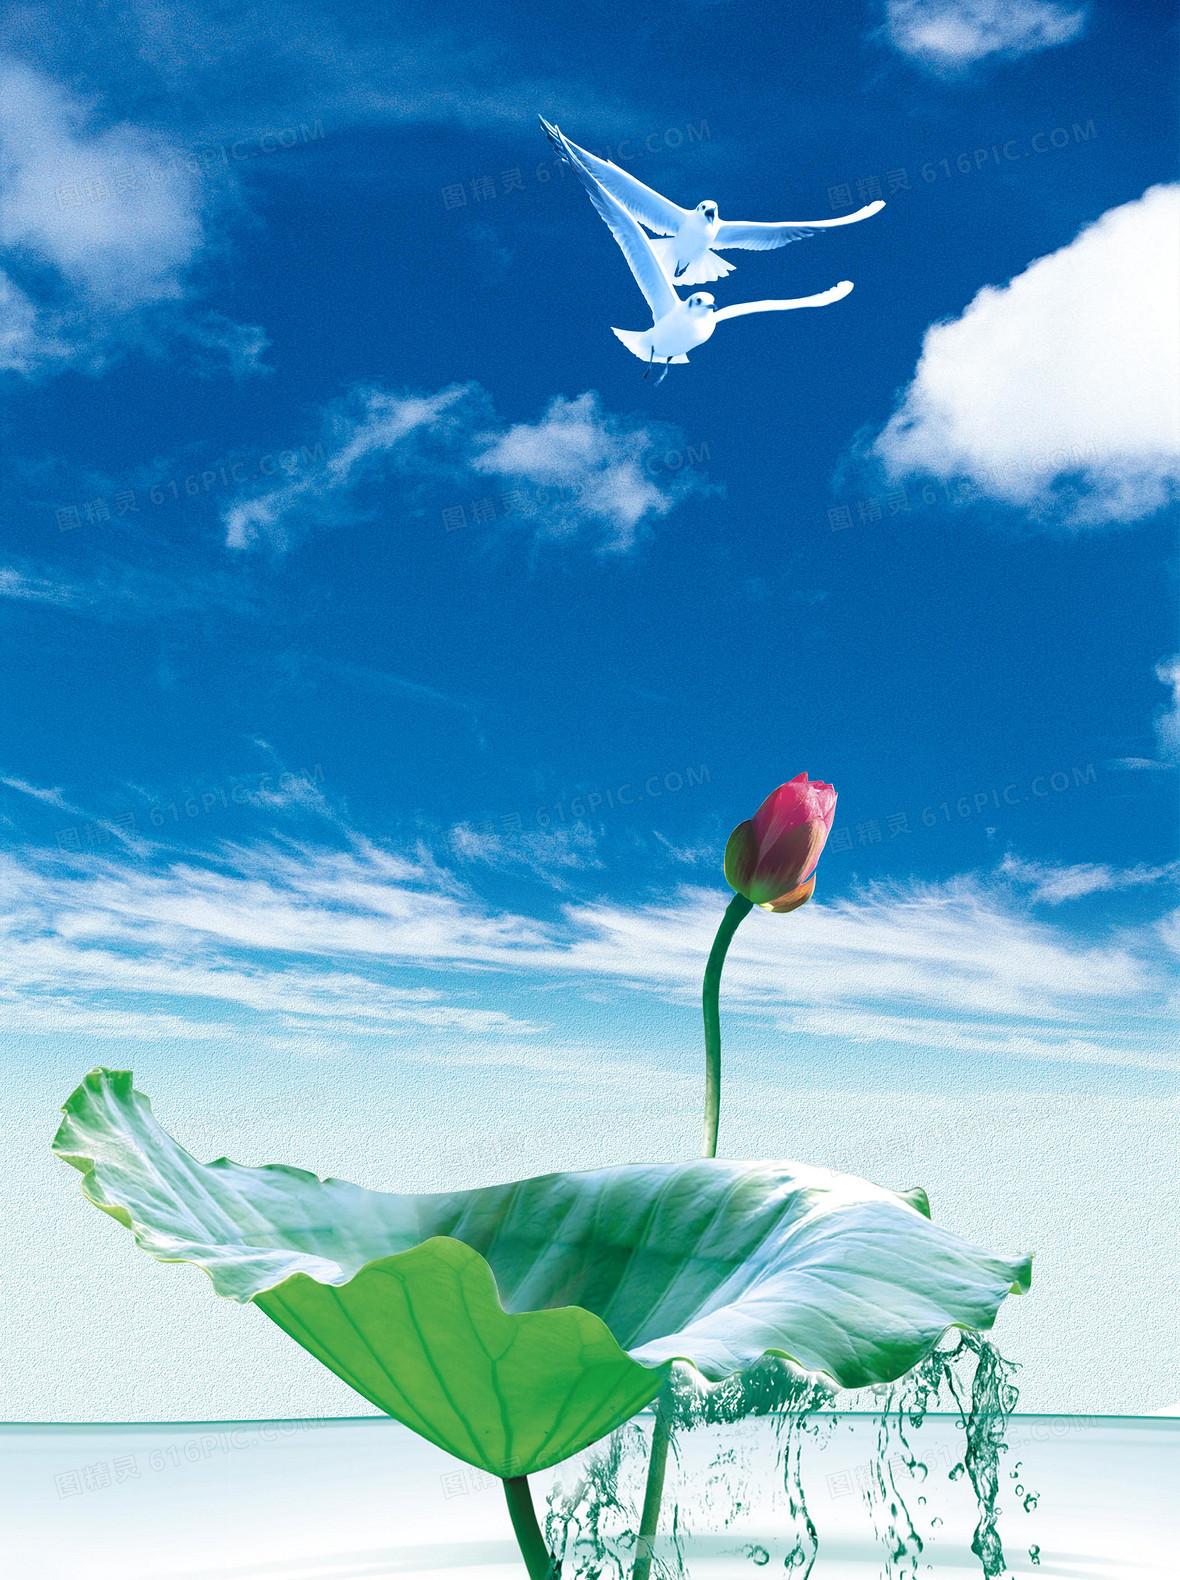 环保家居海报背景素材